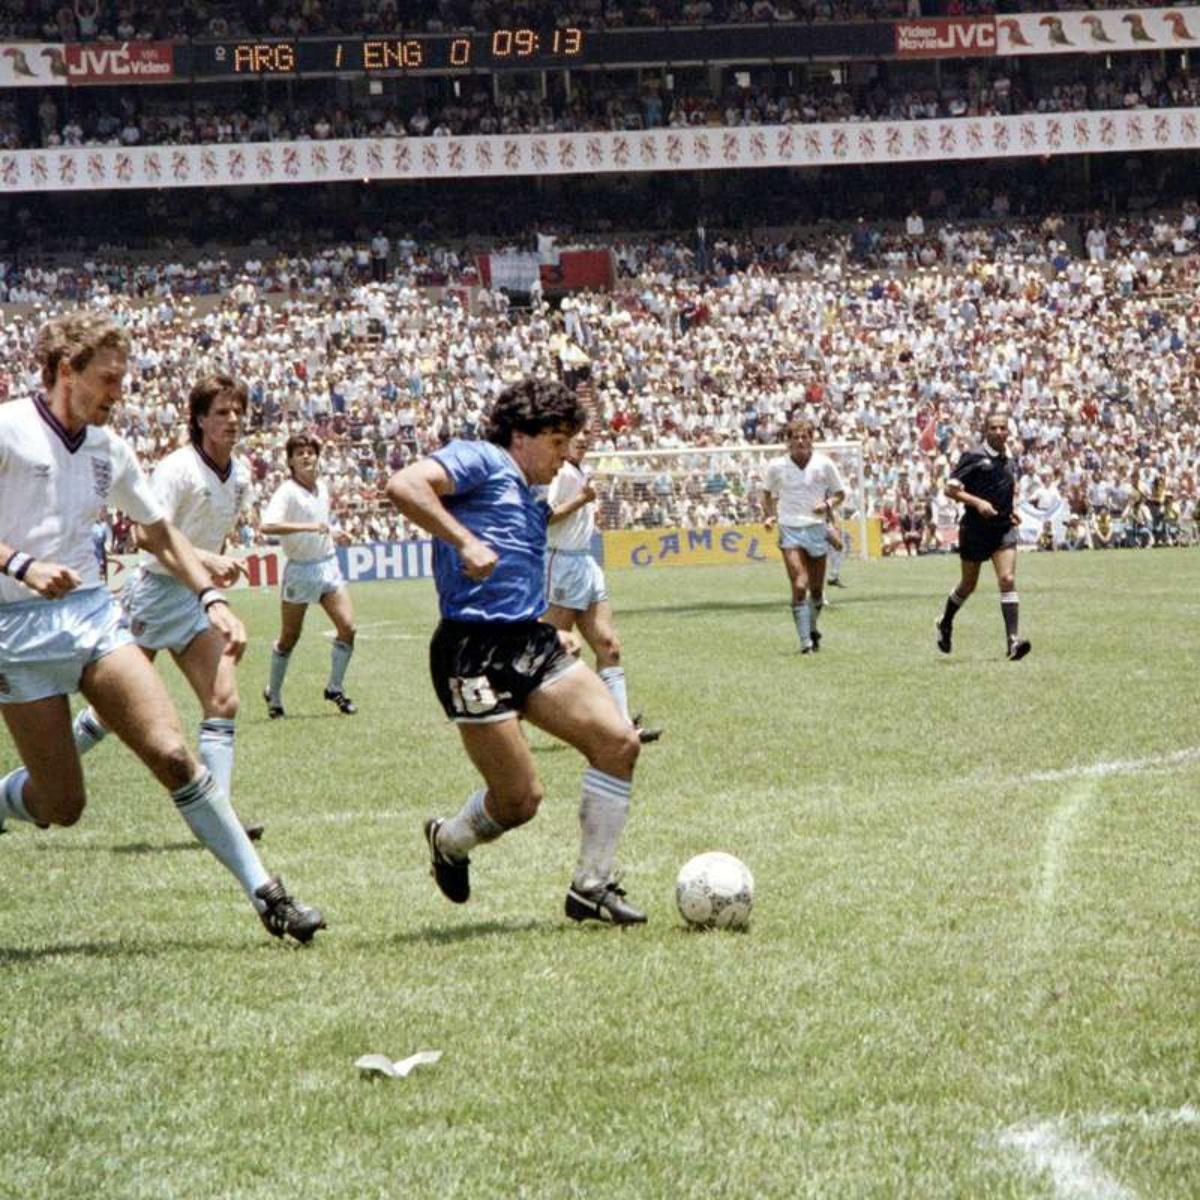 El Recuerdo De Maradona De Sus Goles A Los Ingleses Mas No Le Puedo Pedir A La Vida Tnt Sports